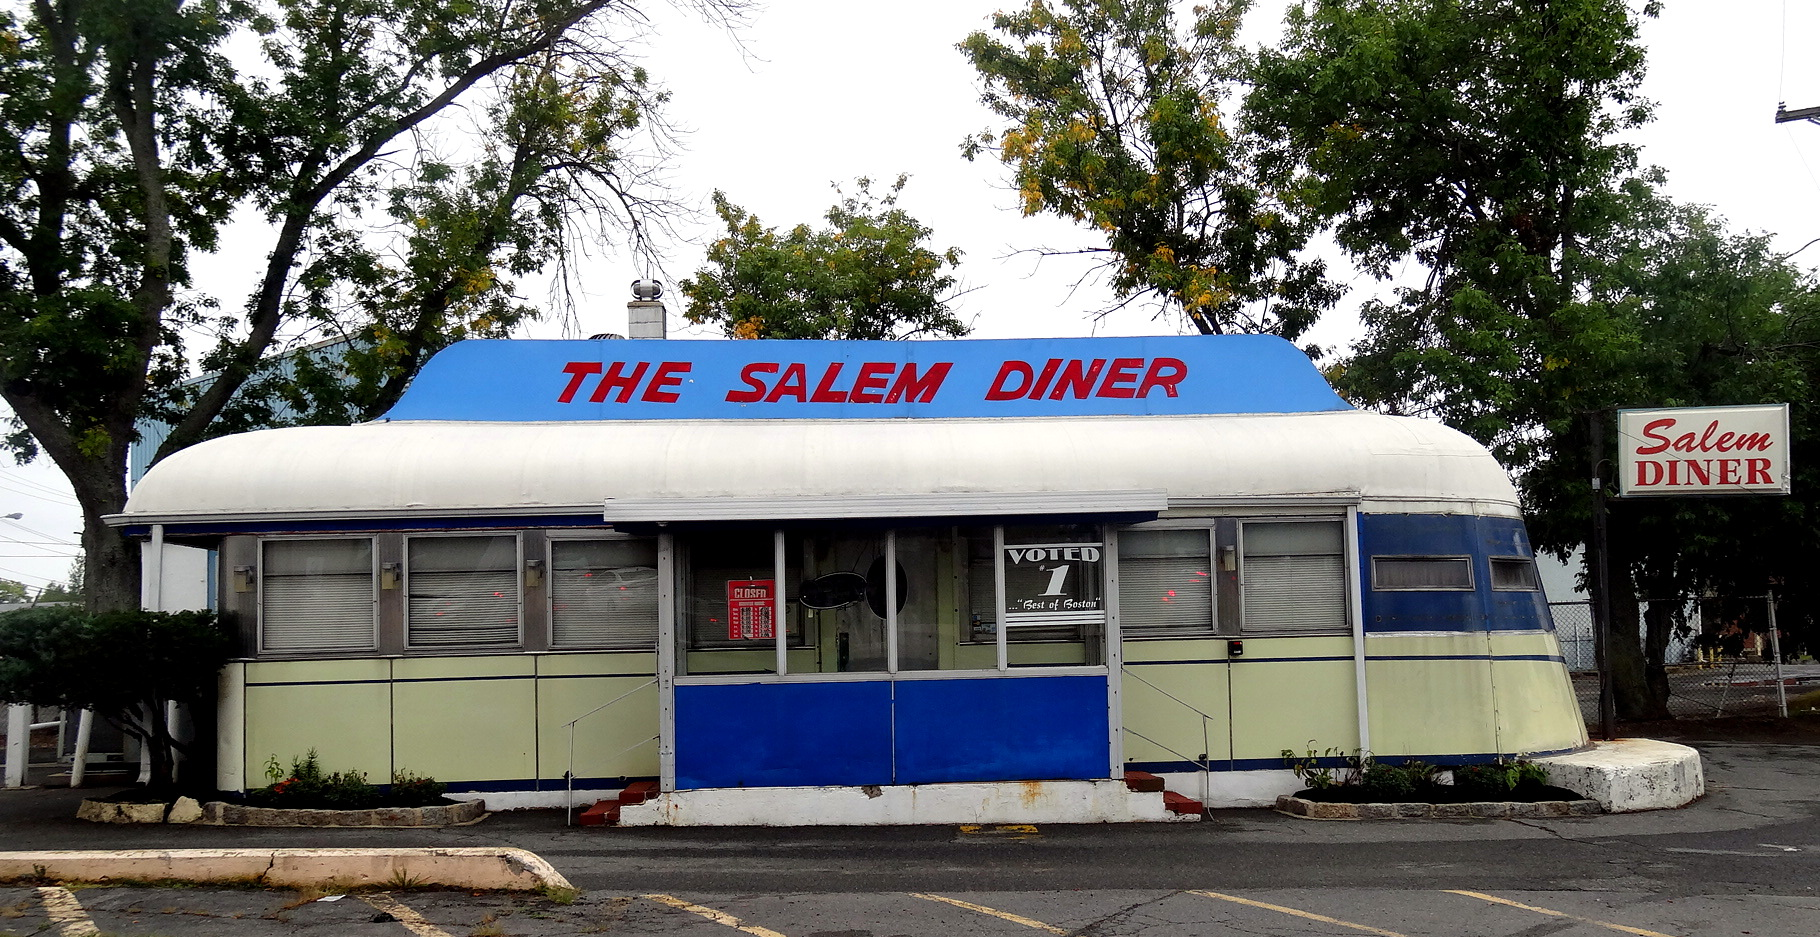 Salem Diner in Salem, MA - Picture of Salem Diner, Salem - TripAdvisor